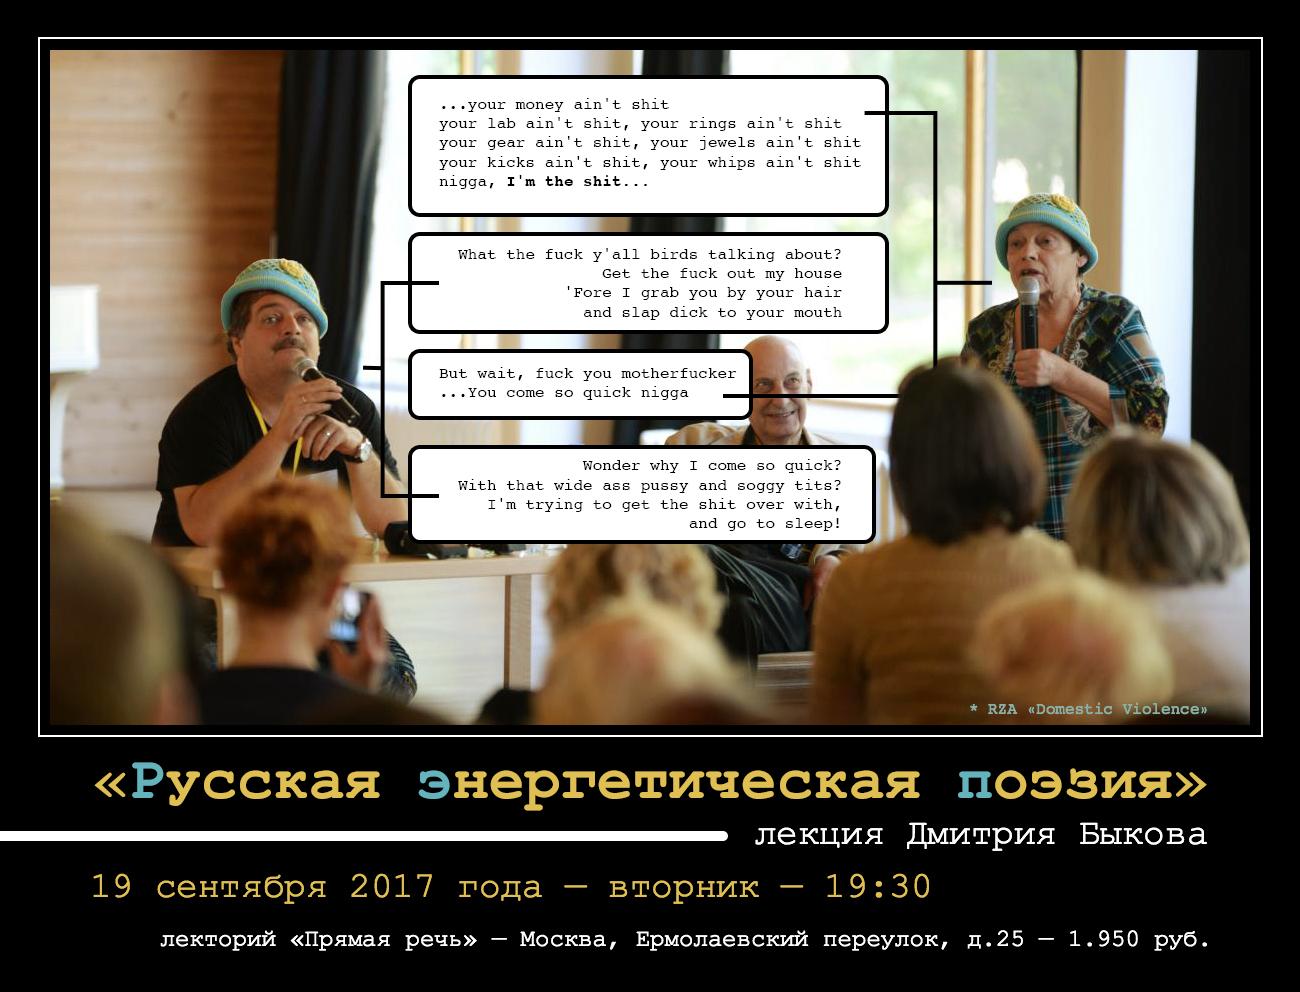 Быков Дмитрий Львович  Википедия